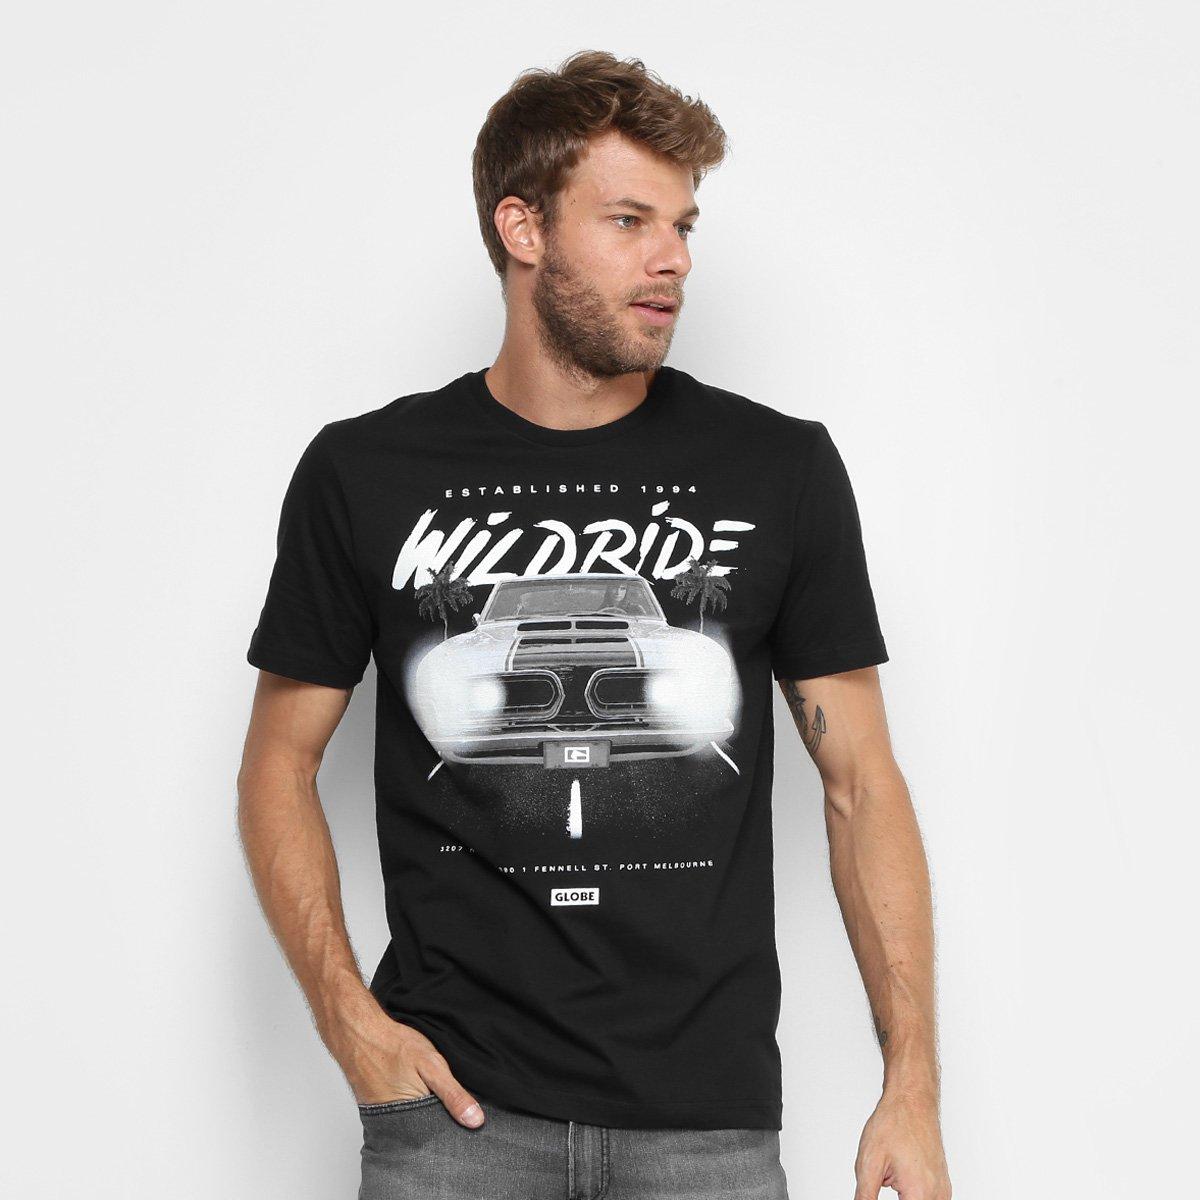 6cc61d842e Camiseta Globe Básica Glow Wilk Ride Masculina